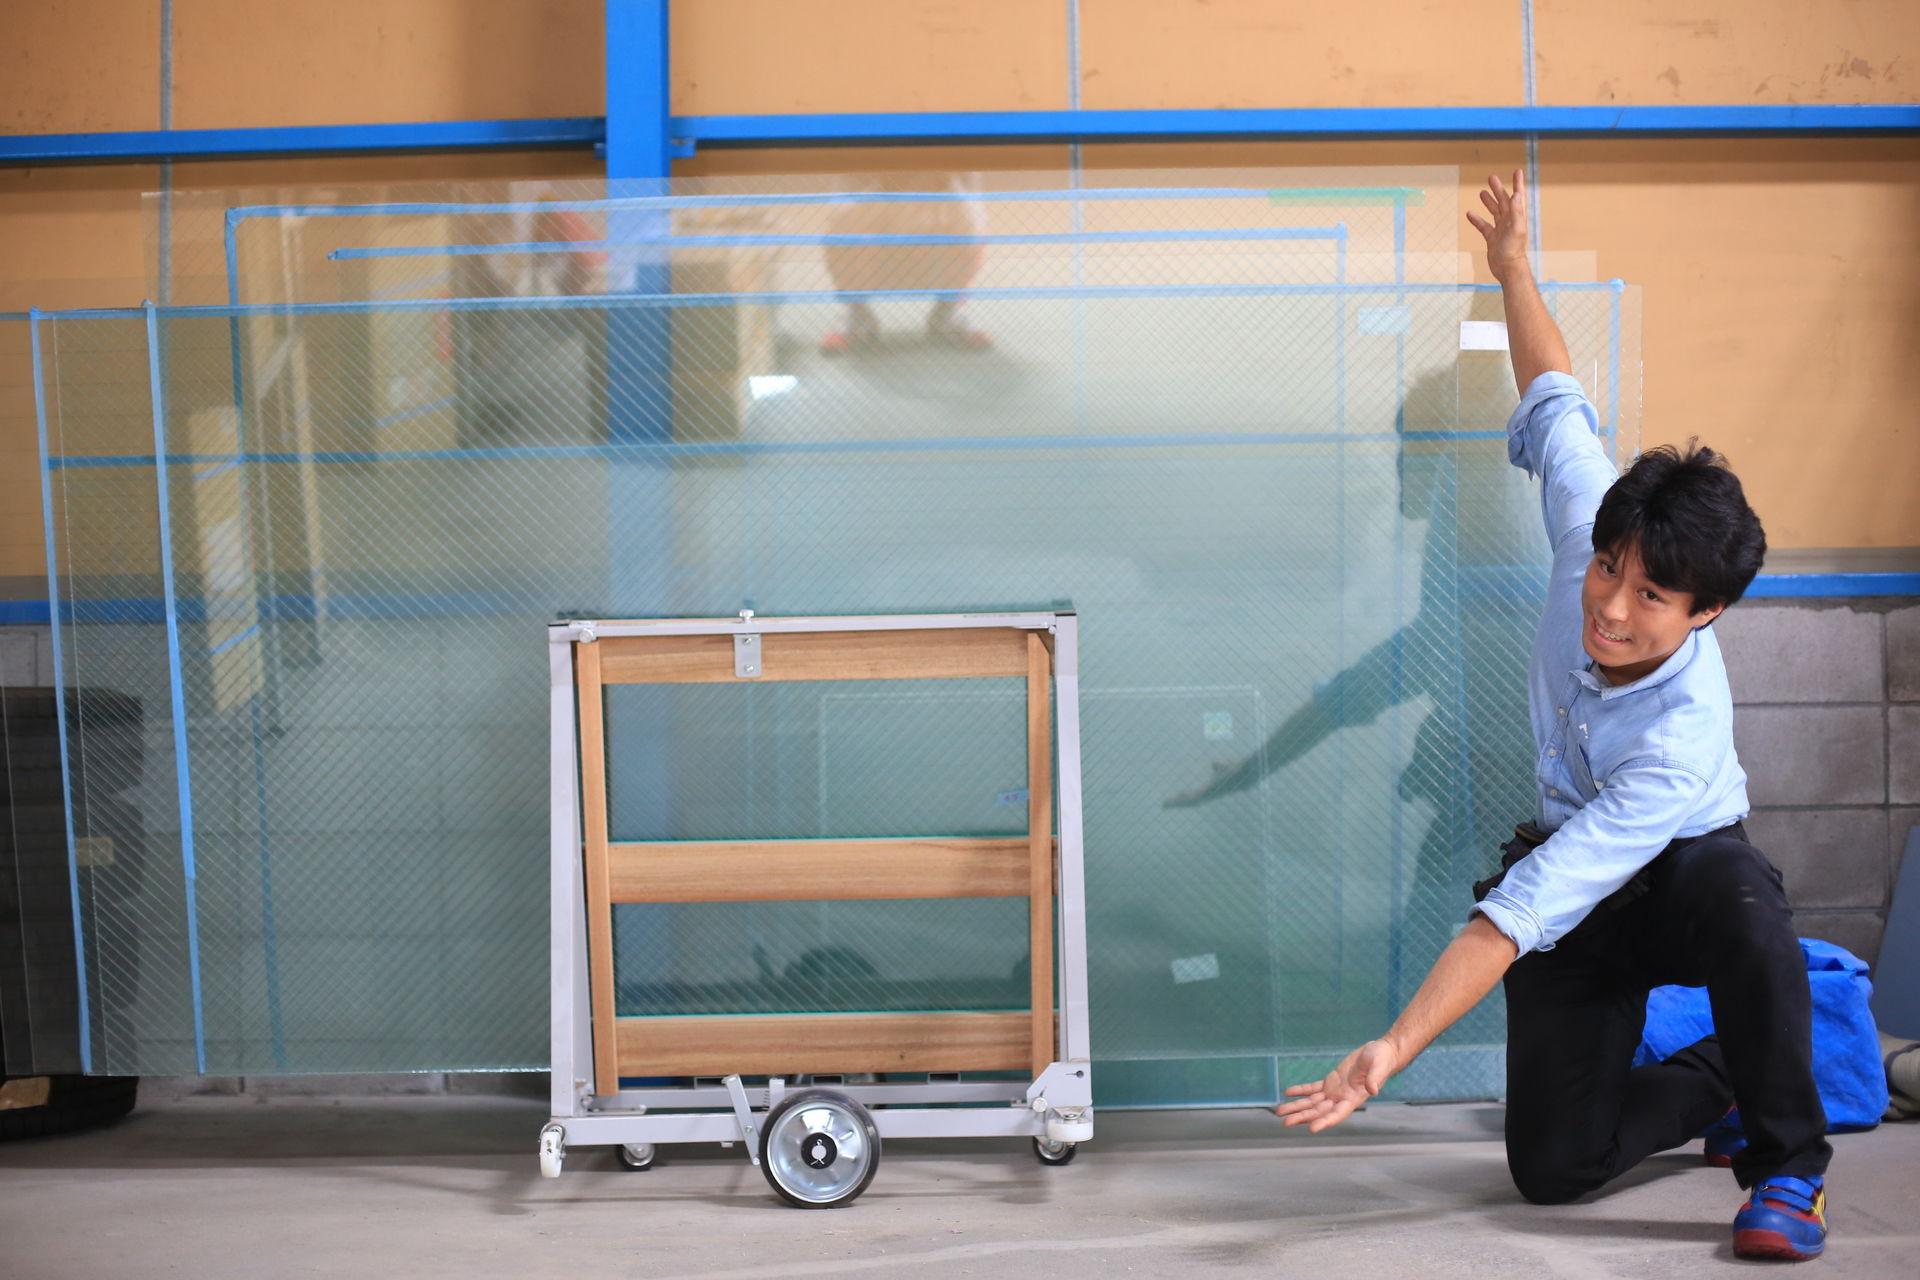 ガラスのトラブル救Q隊.24【名古屋市昭和区 出張エリア】の店内・外観画像1